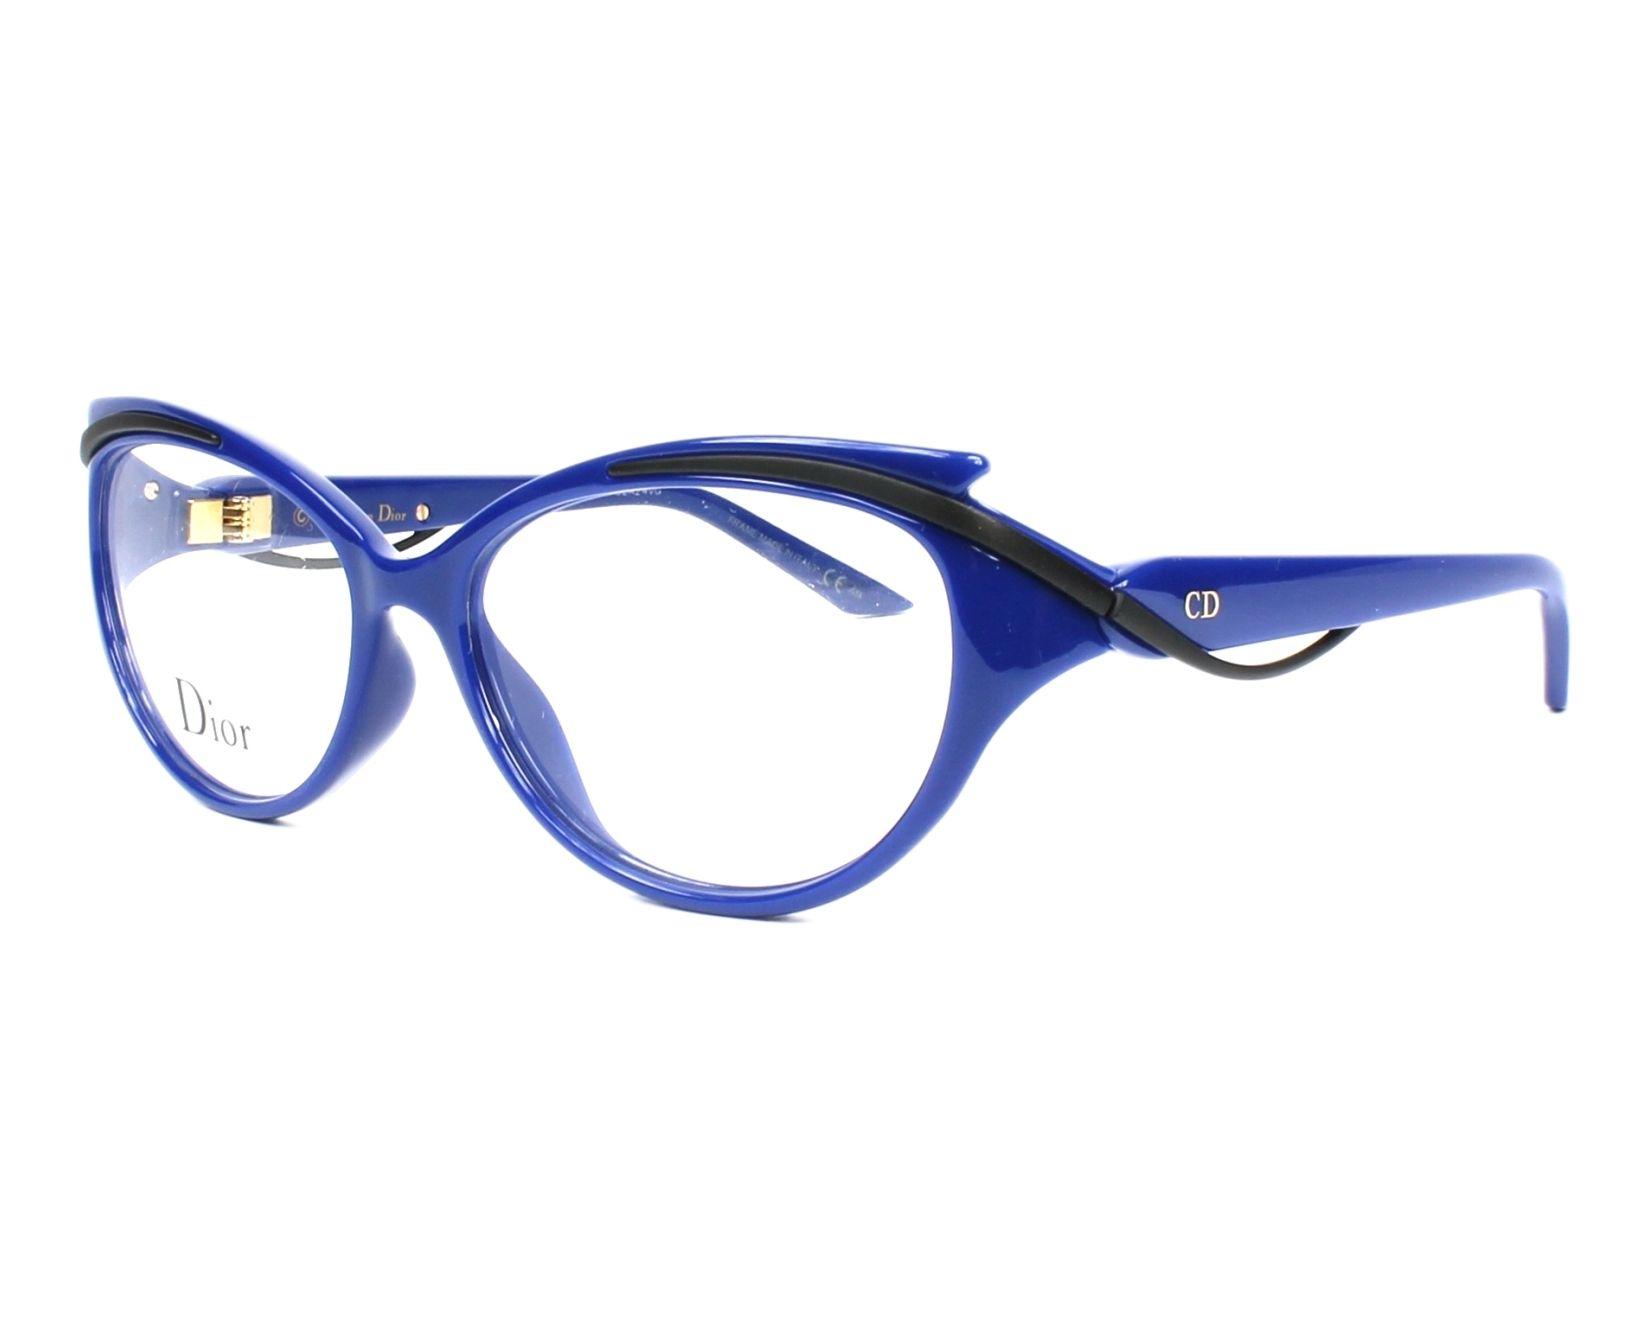 b1350b3c1b0 Lunettes de vue Christian Dior CD-3278 90D - Bleu Noir vue de profil